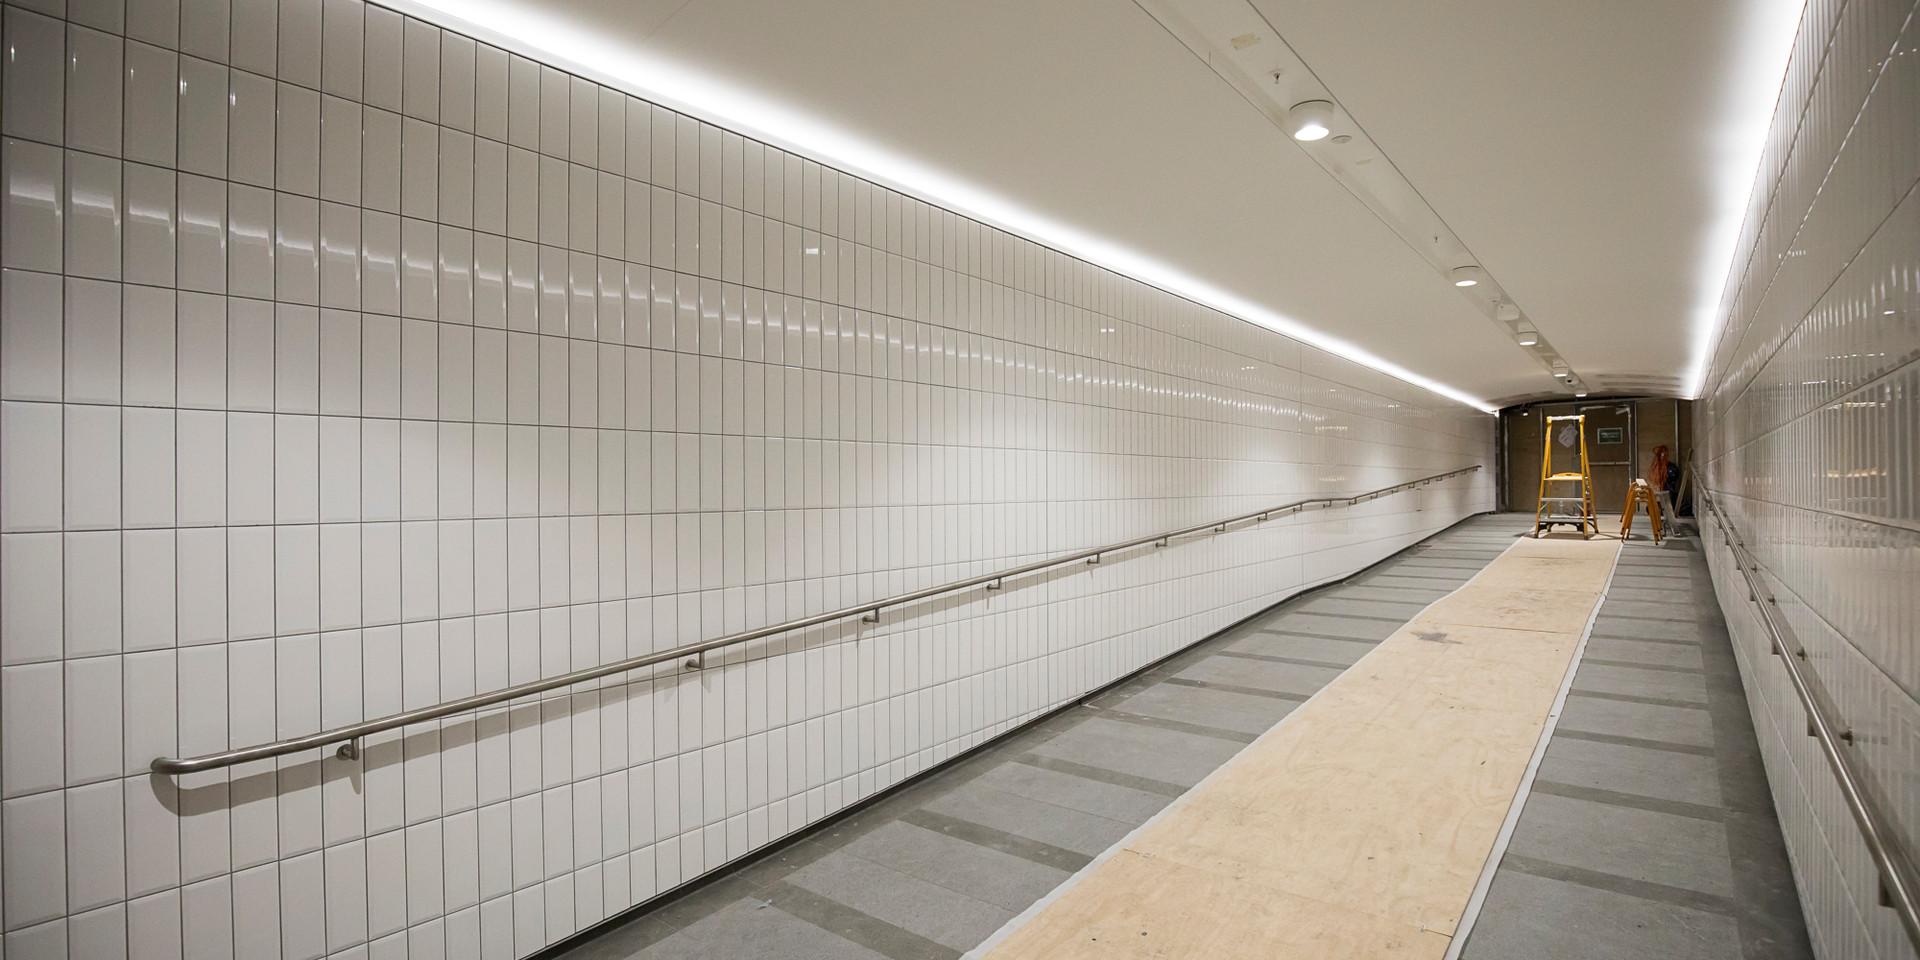 2019_10_24_Multiplex - Hunter Tunnel.jpg